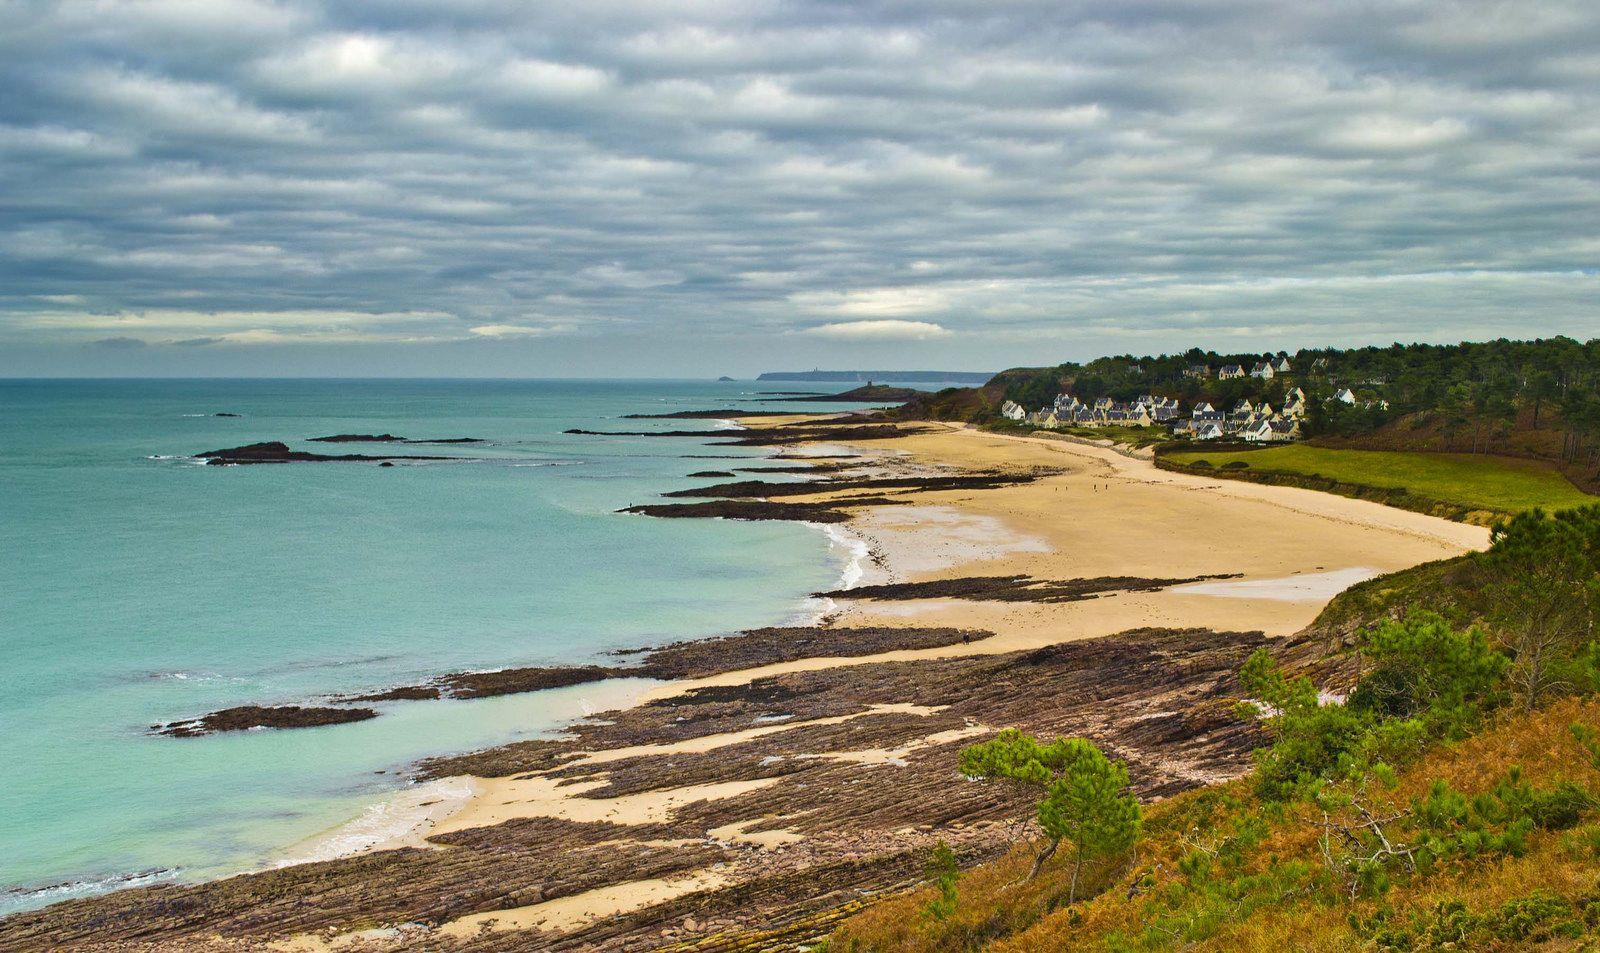 Côtes d'Armor_La côte de Penthièvre_Le cap d'Erquy_06_   Flickr - Photo Sharing!